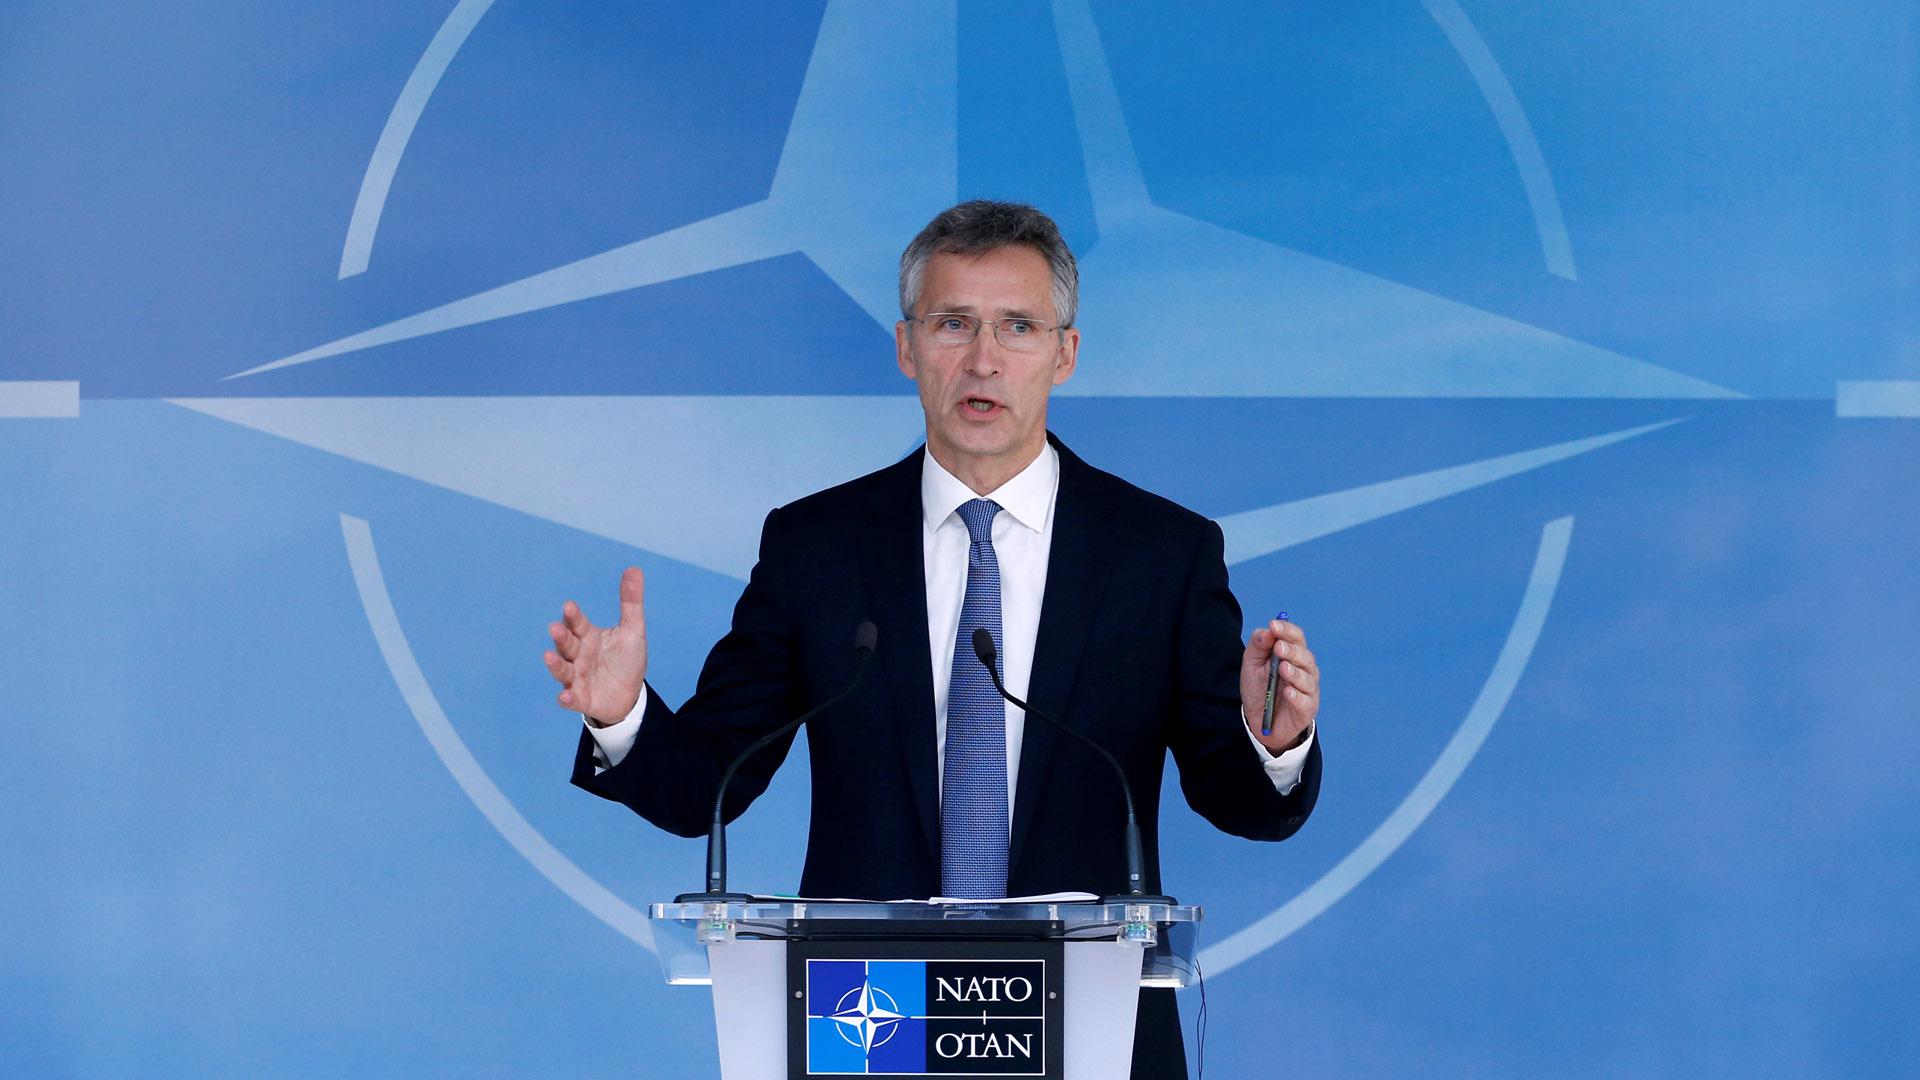 OTAN alerta sobre influencia militar